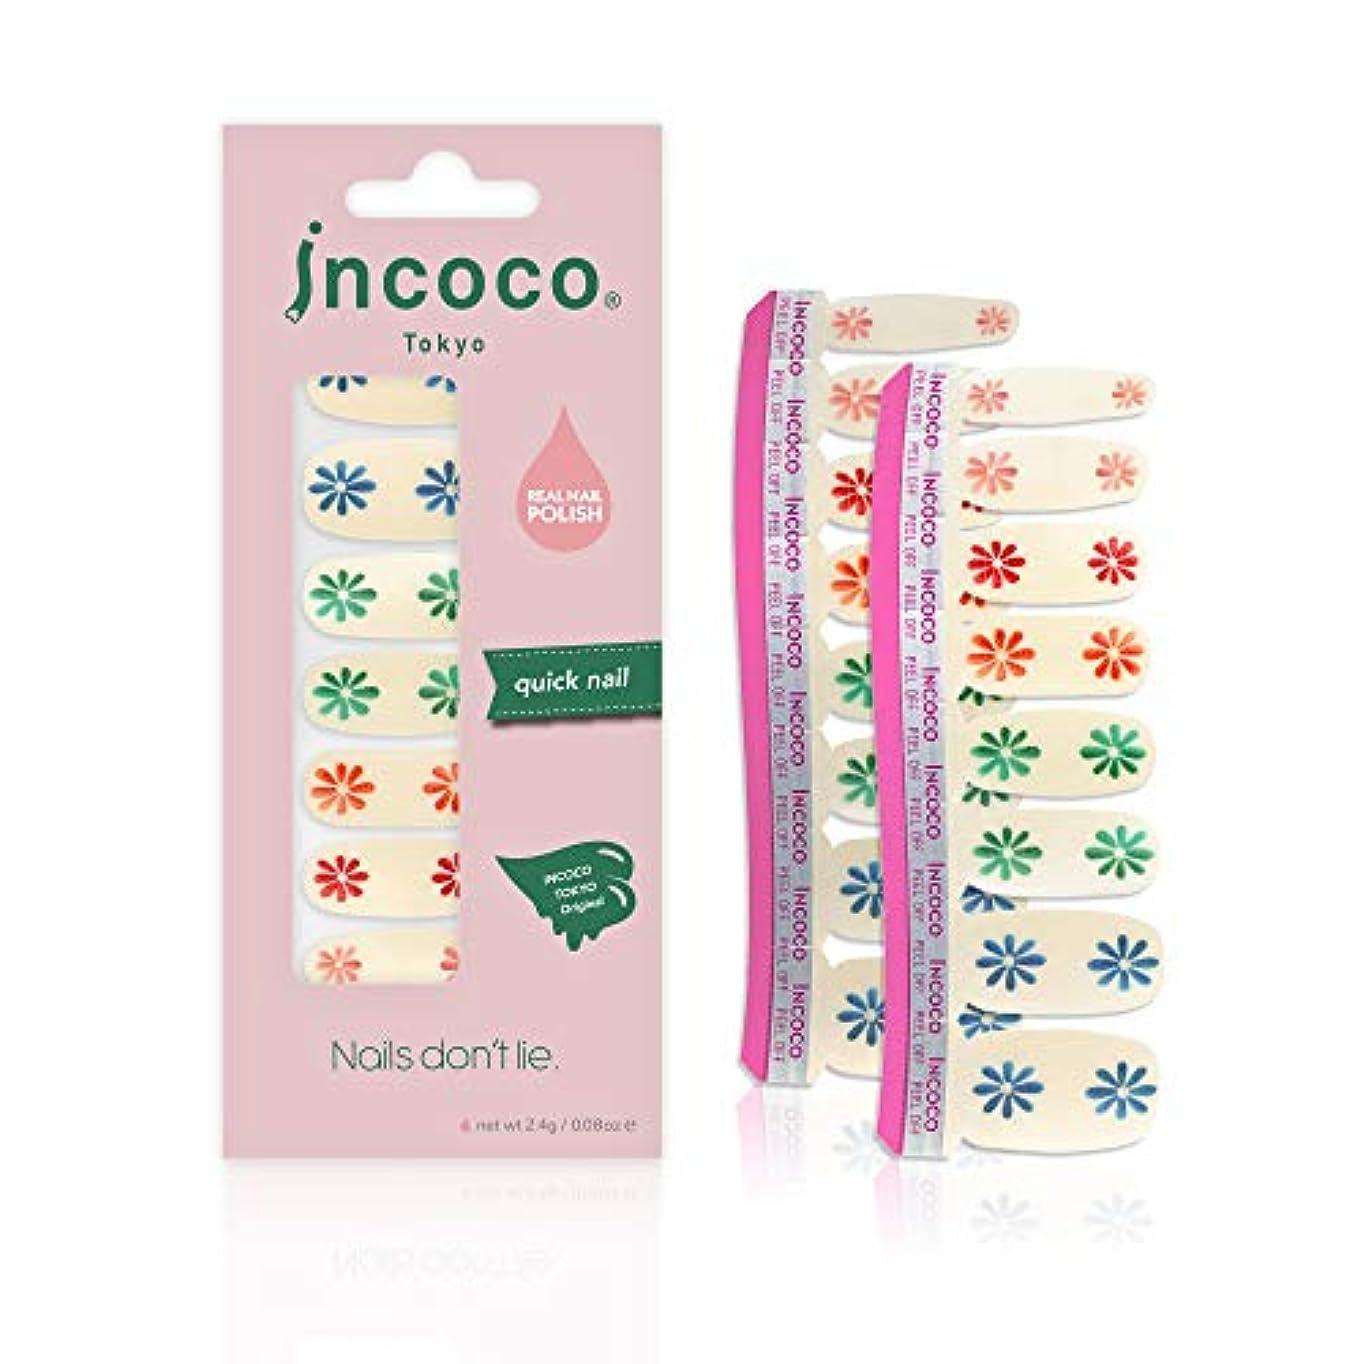 インココ トーキョー 「ブルーミング フラワー」 (Blooming Flowers)